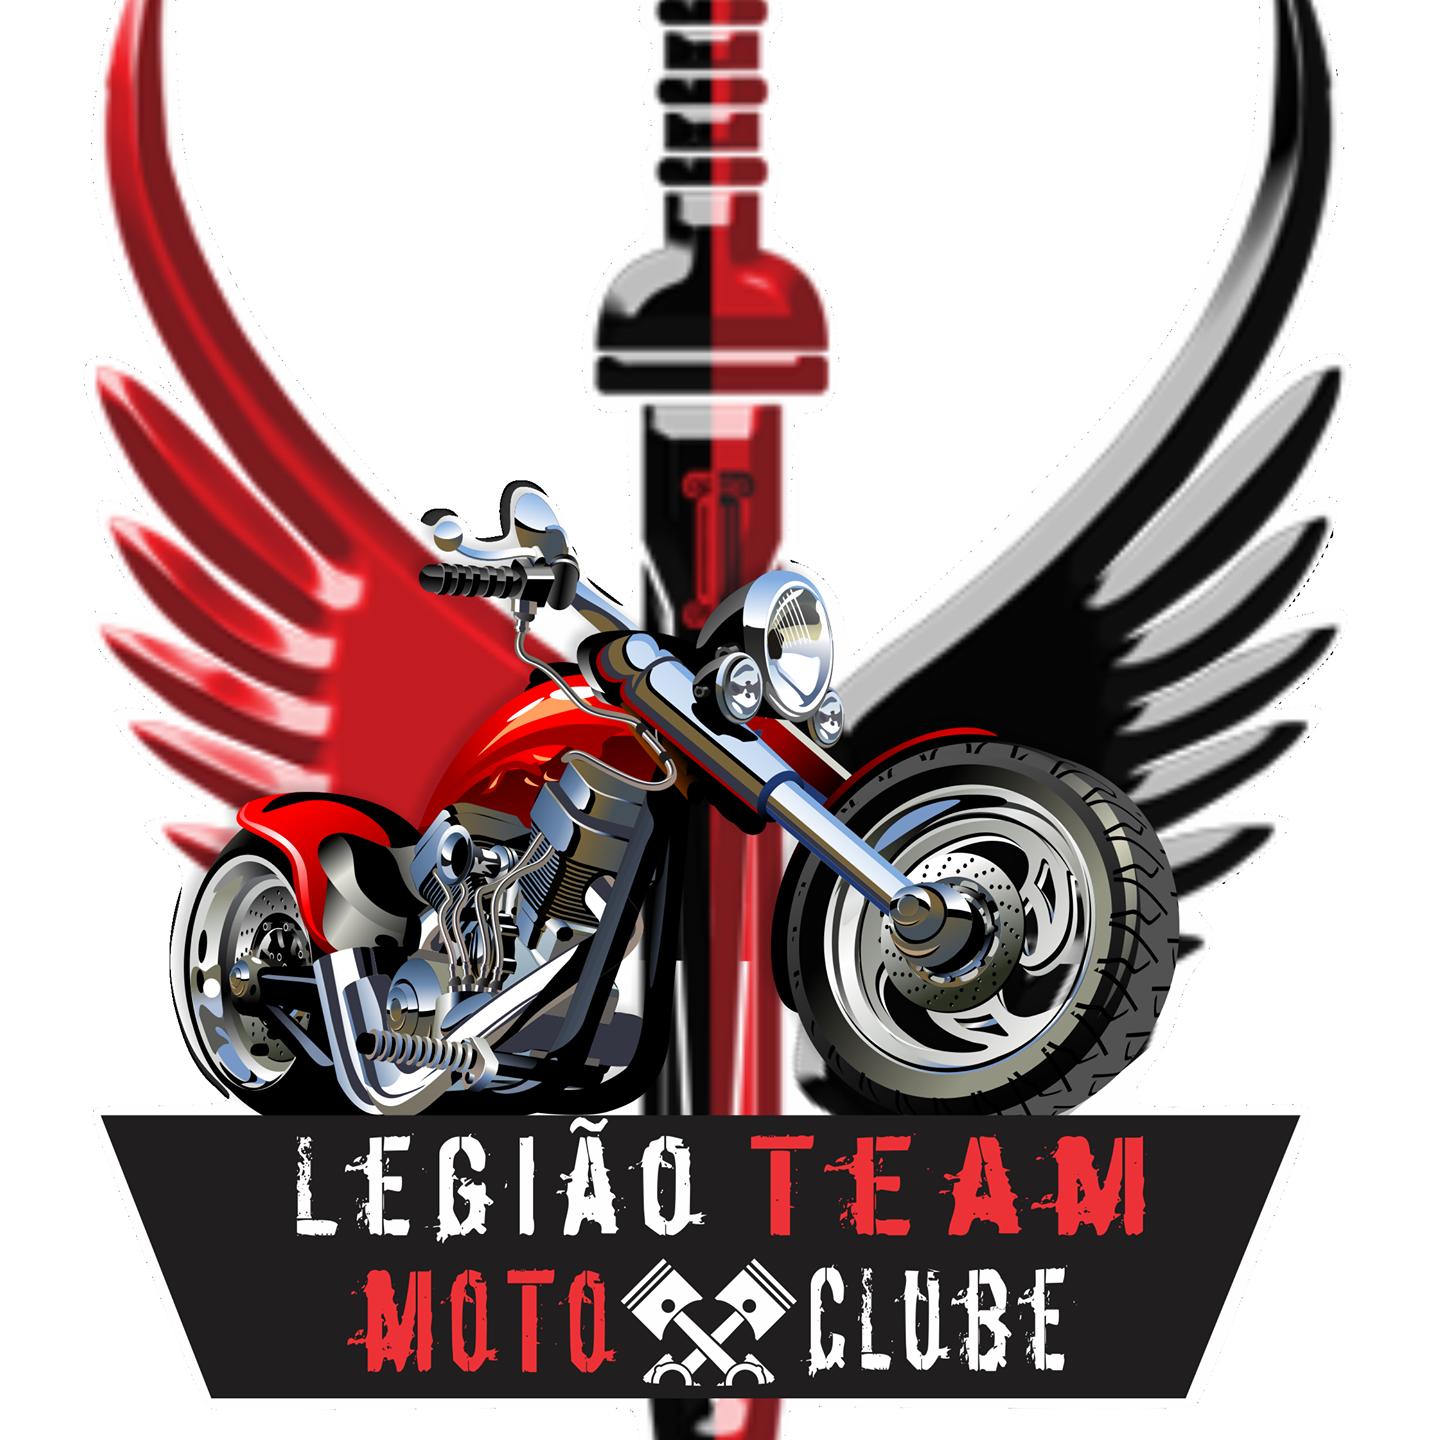 Moto Club Legião Team